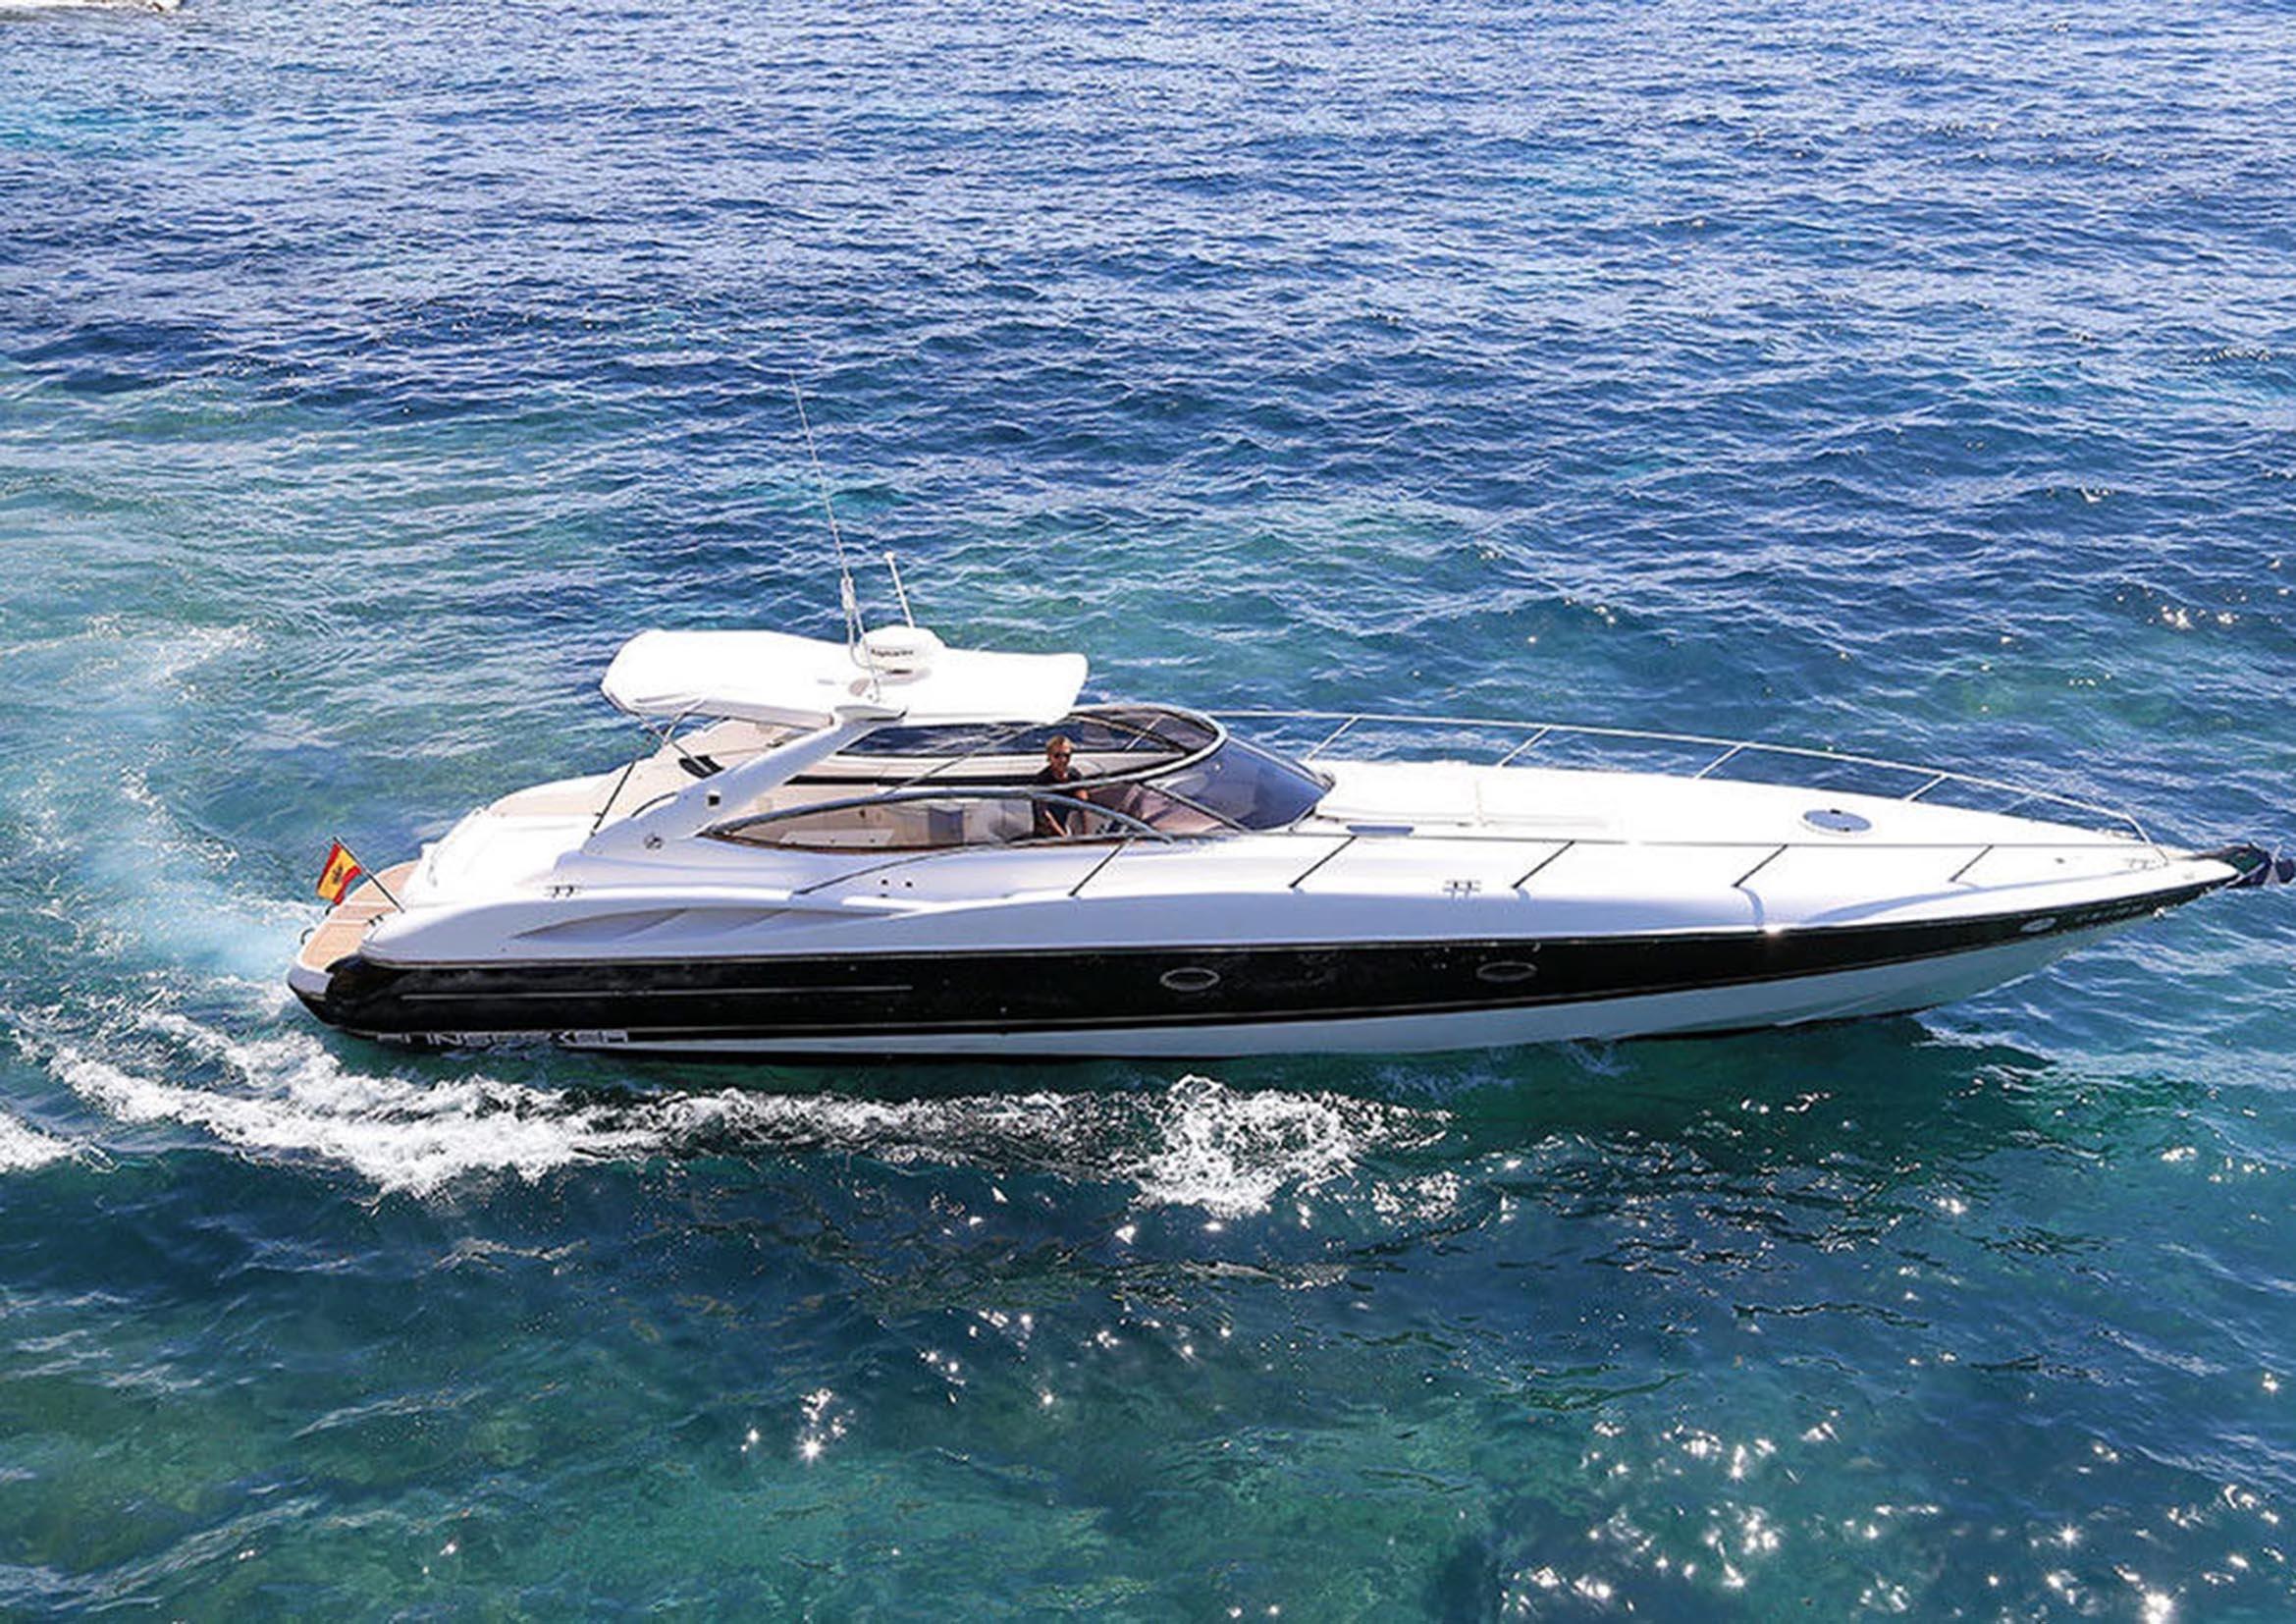 1996 Sunseeker Superhawk 48 Power Boat For Sale - www.yachtworld.com